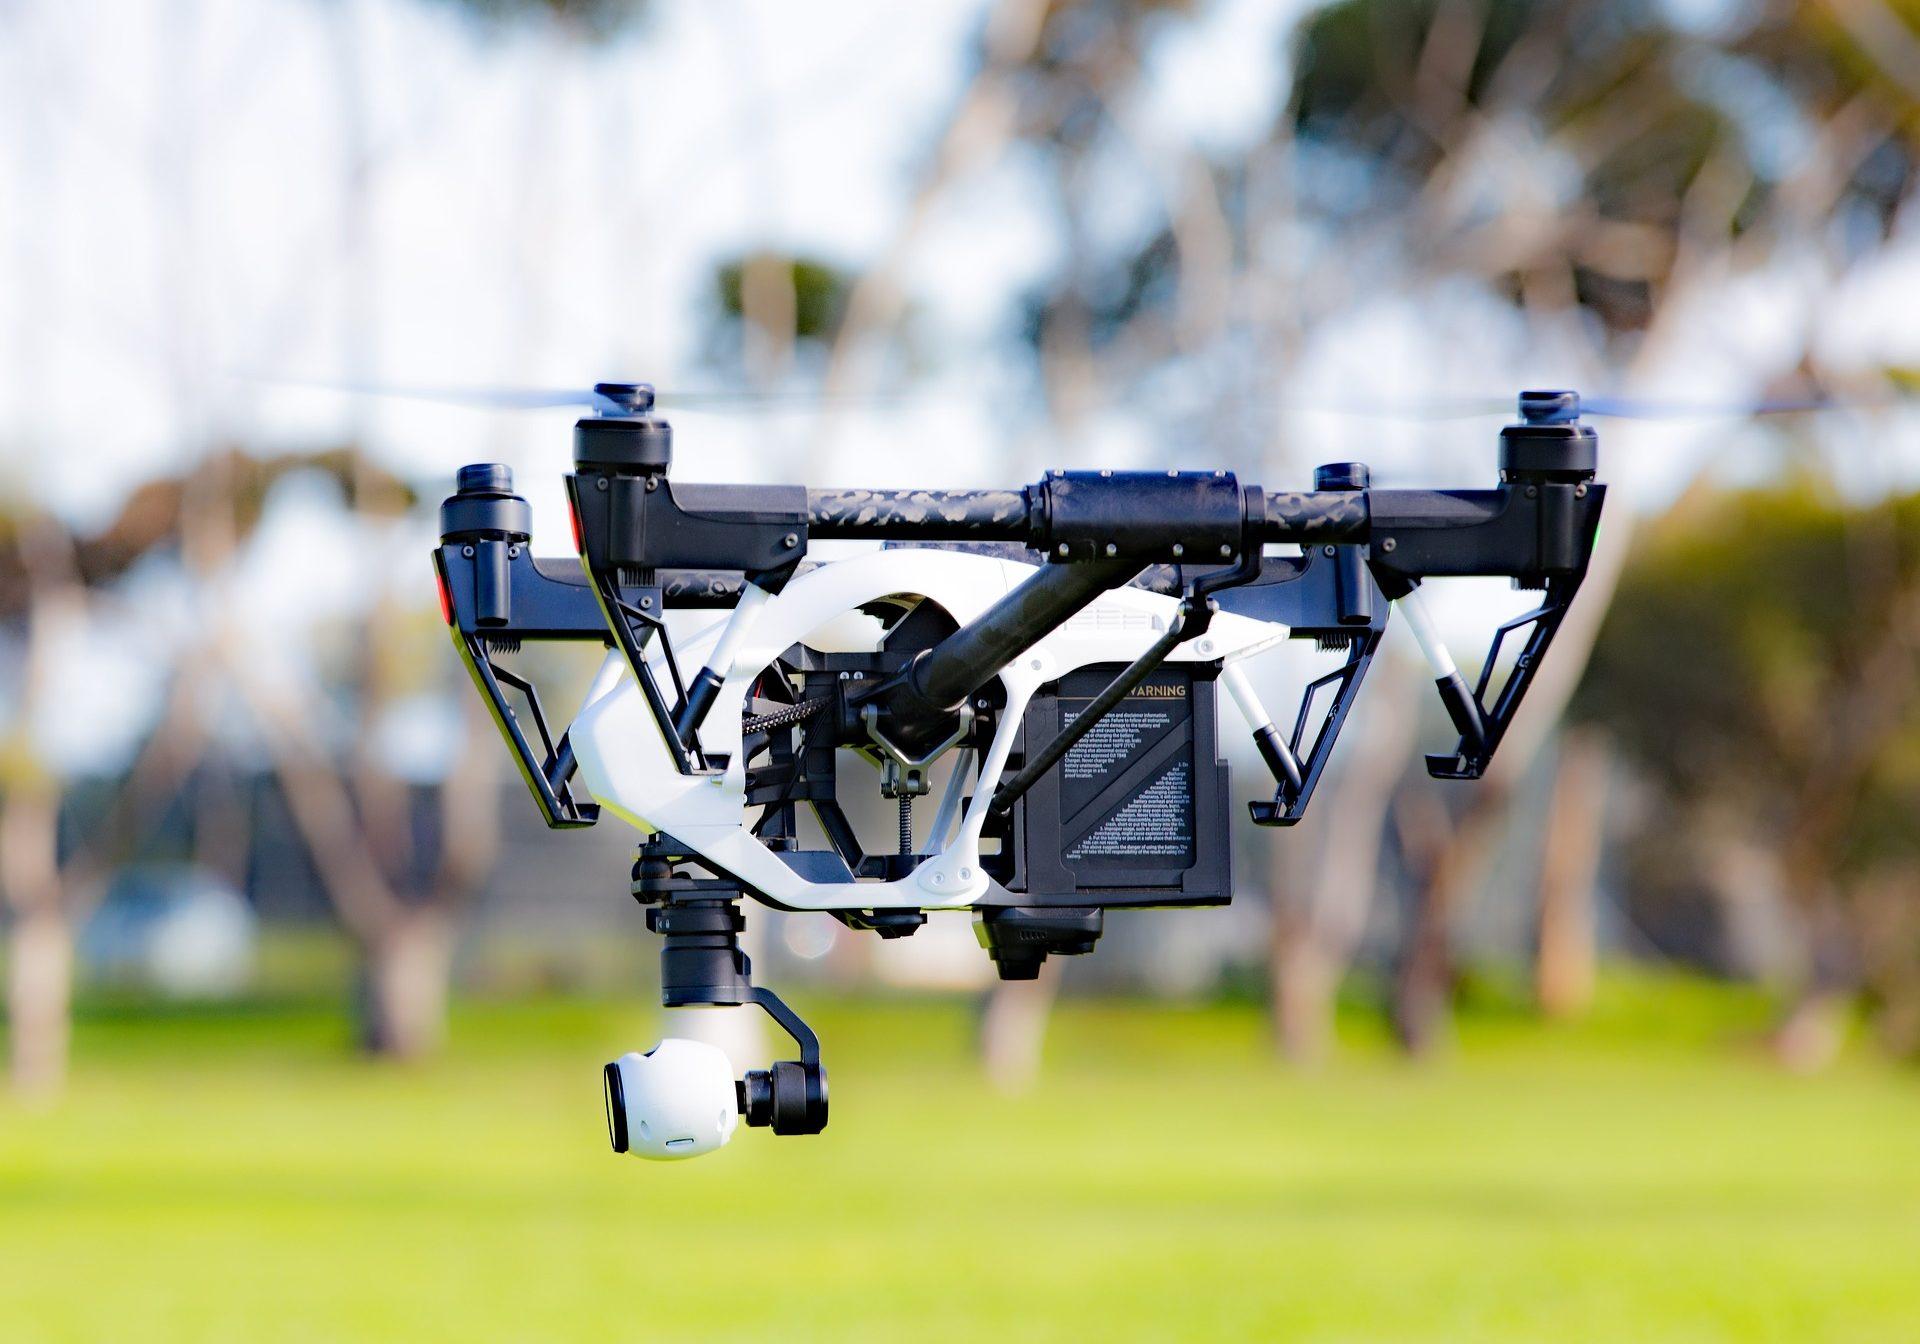 drone-1934077_1920